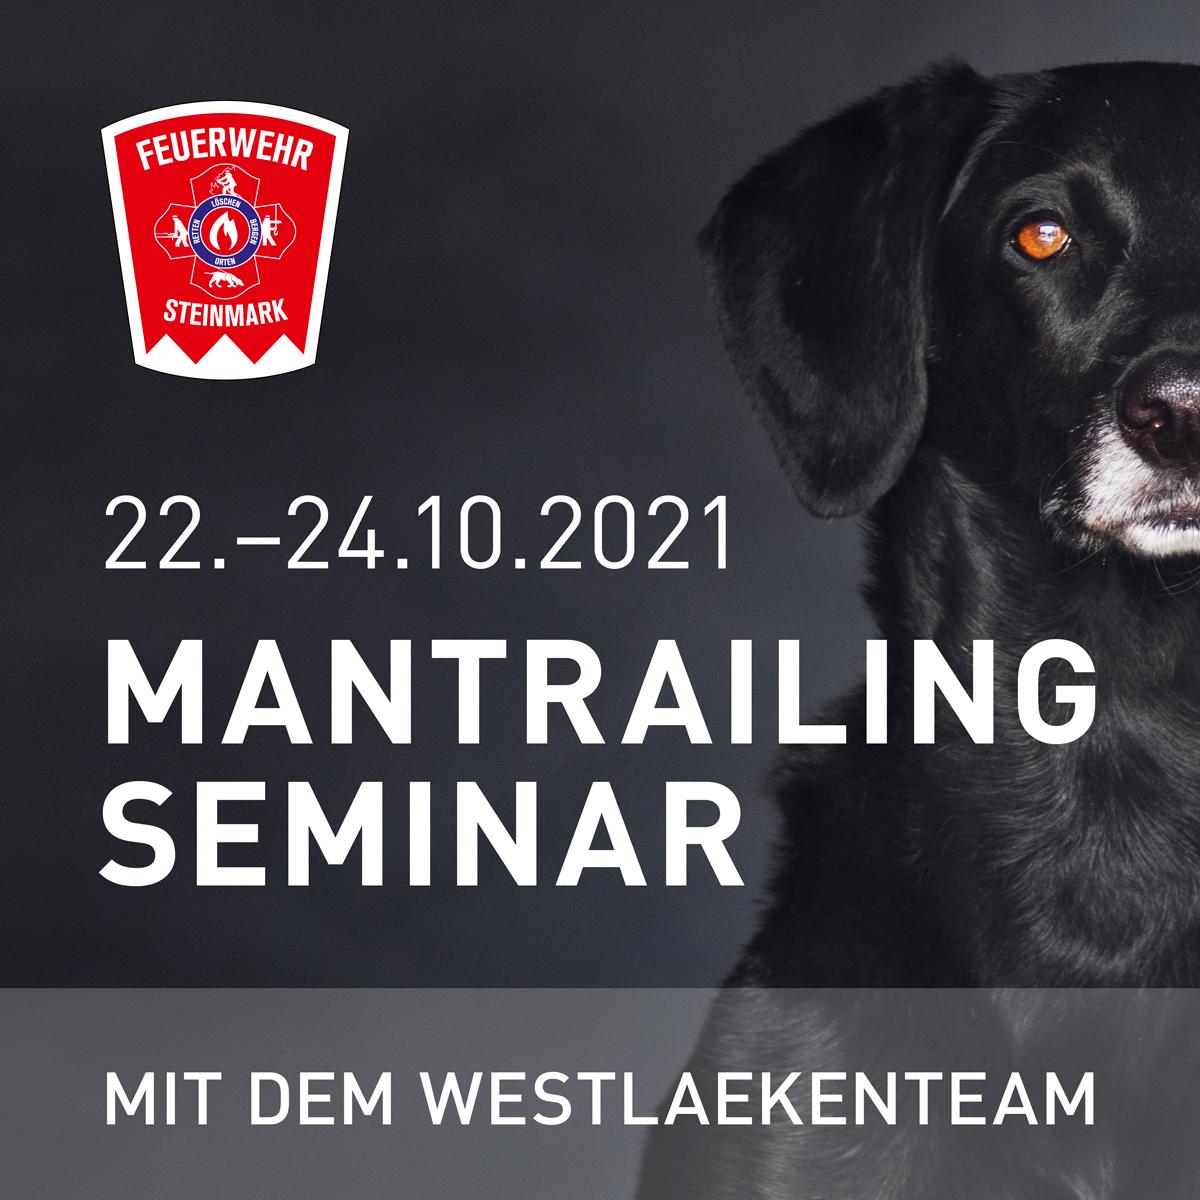 Mantrailing, Seminar, Feuerwehr, Steinmark, Einsteiger, Hund, Rettungshundestaffel, Personensuche